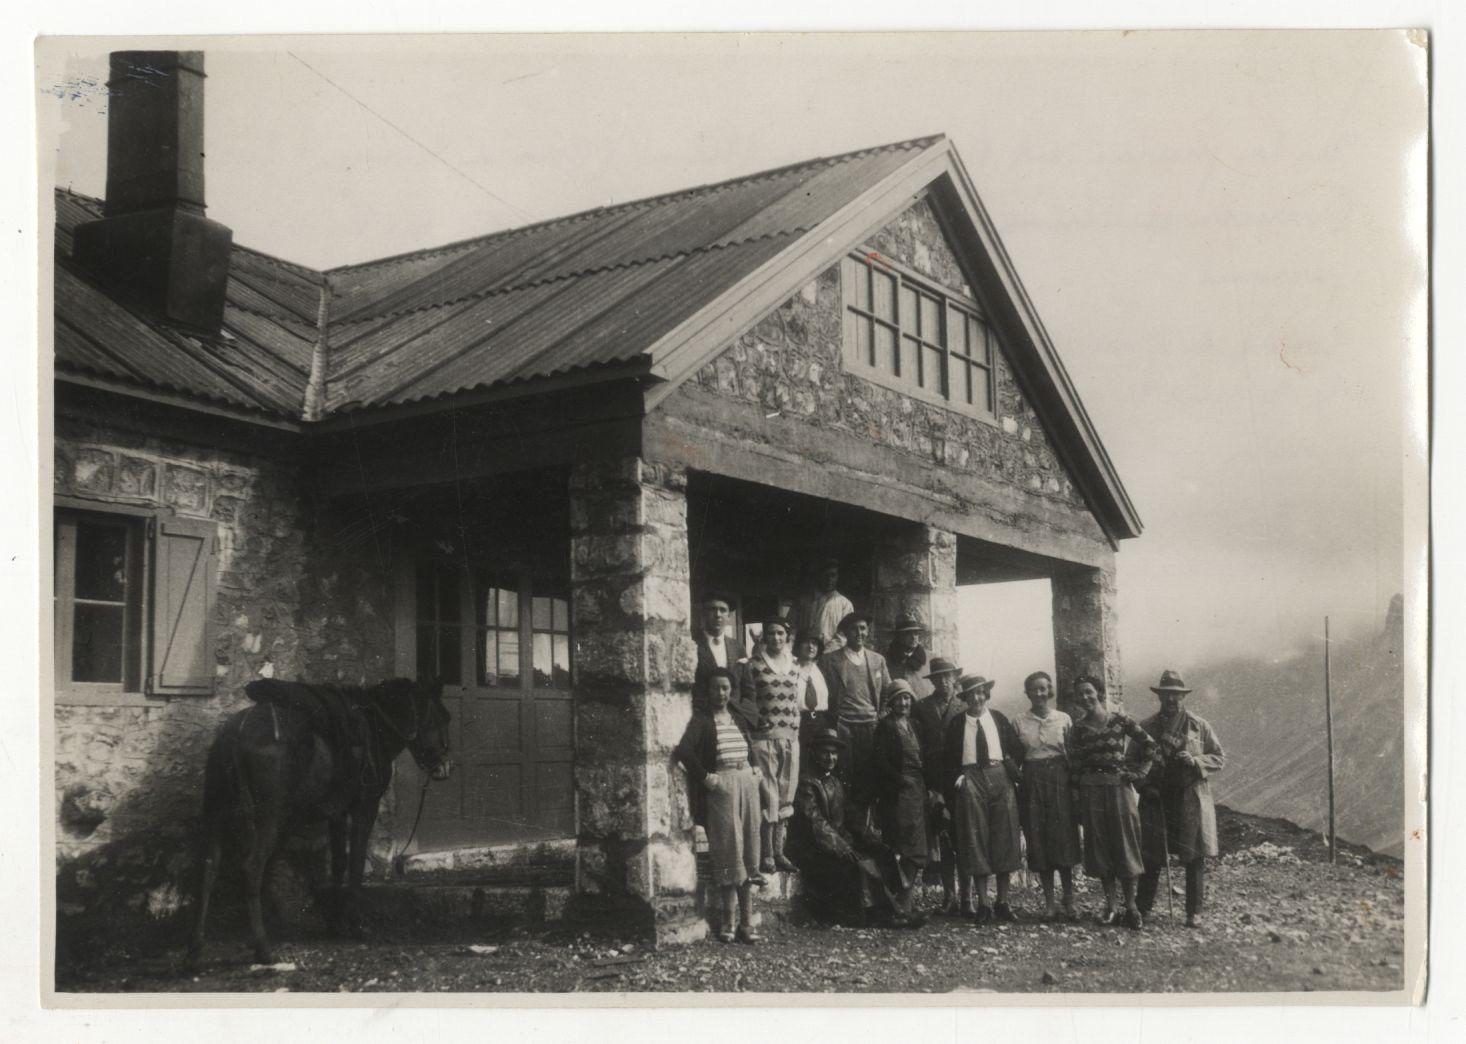 Foto presentada en internet como de la inauguración del Refugio. Pulse para verlo más grande